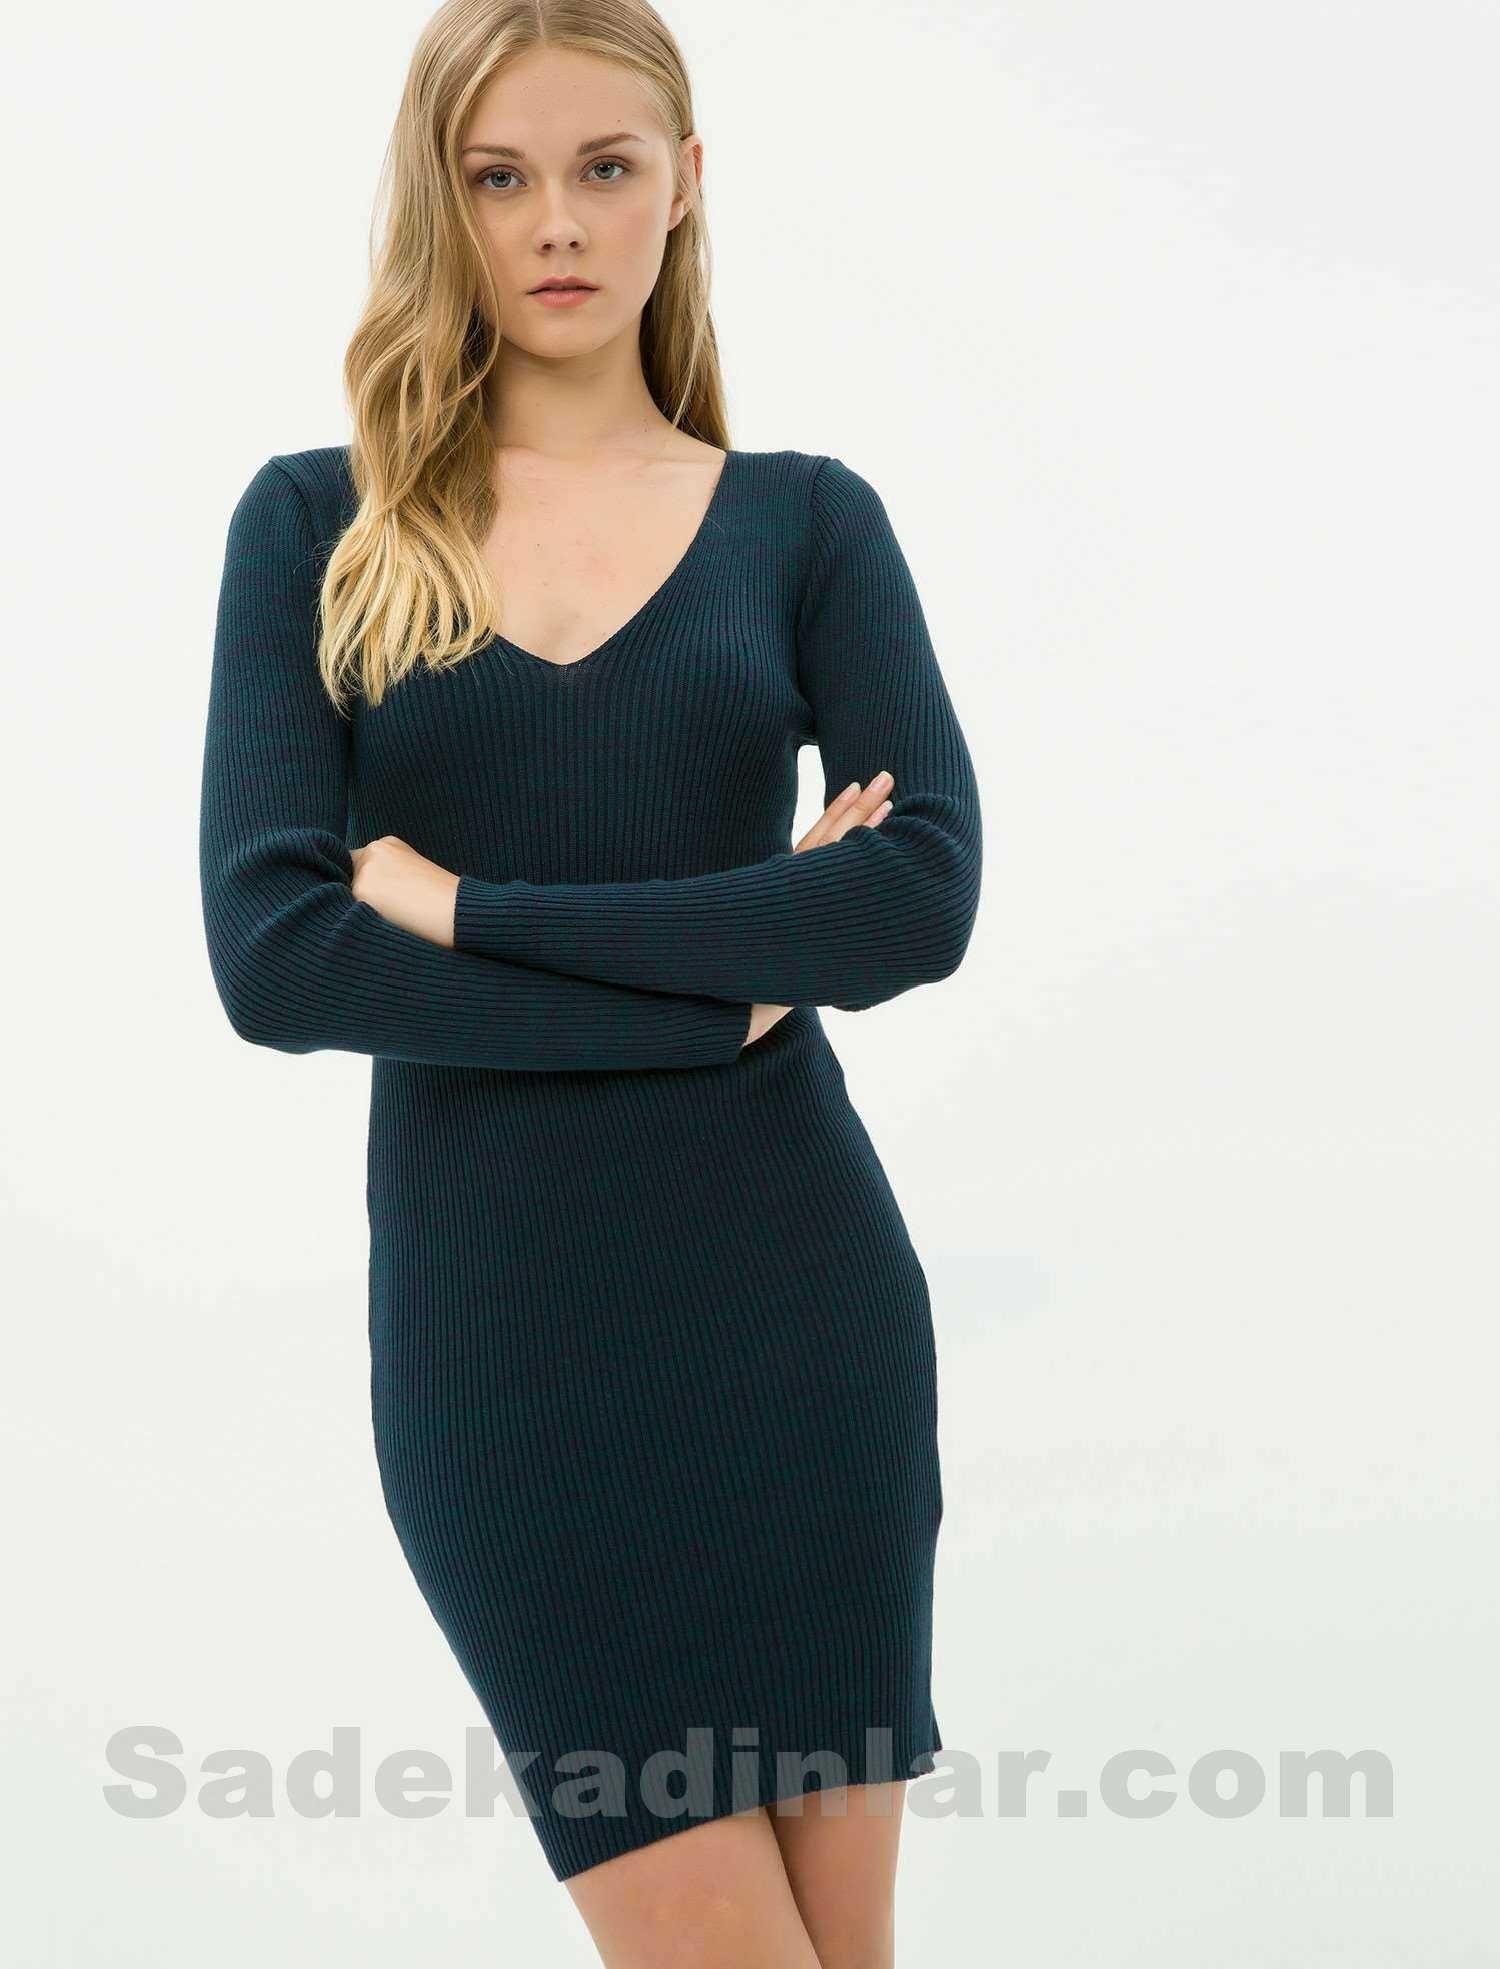 Dar Kesim V Yaka Petrol Mavisi Triko Elbise Modelleri Elbise Modelleri Moda Stilleri Moda